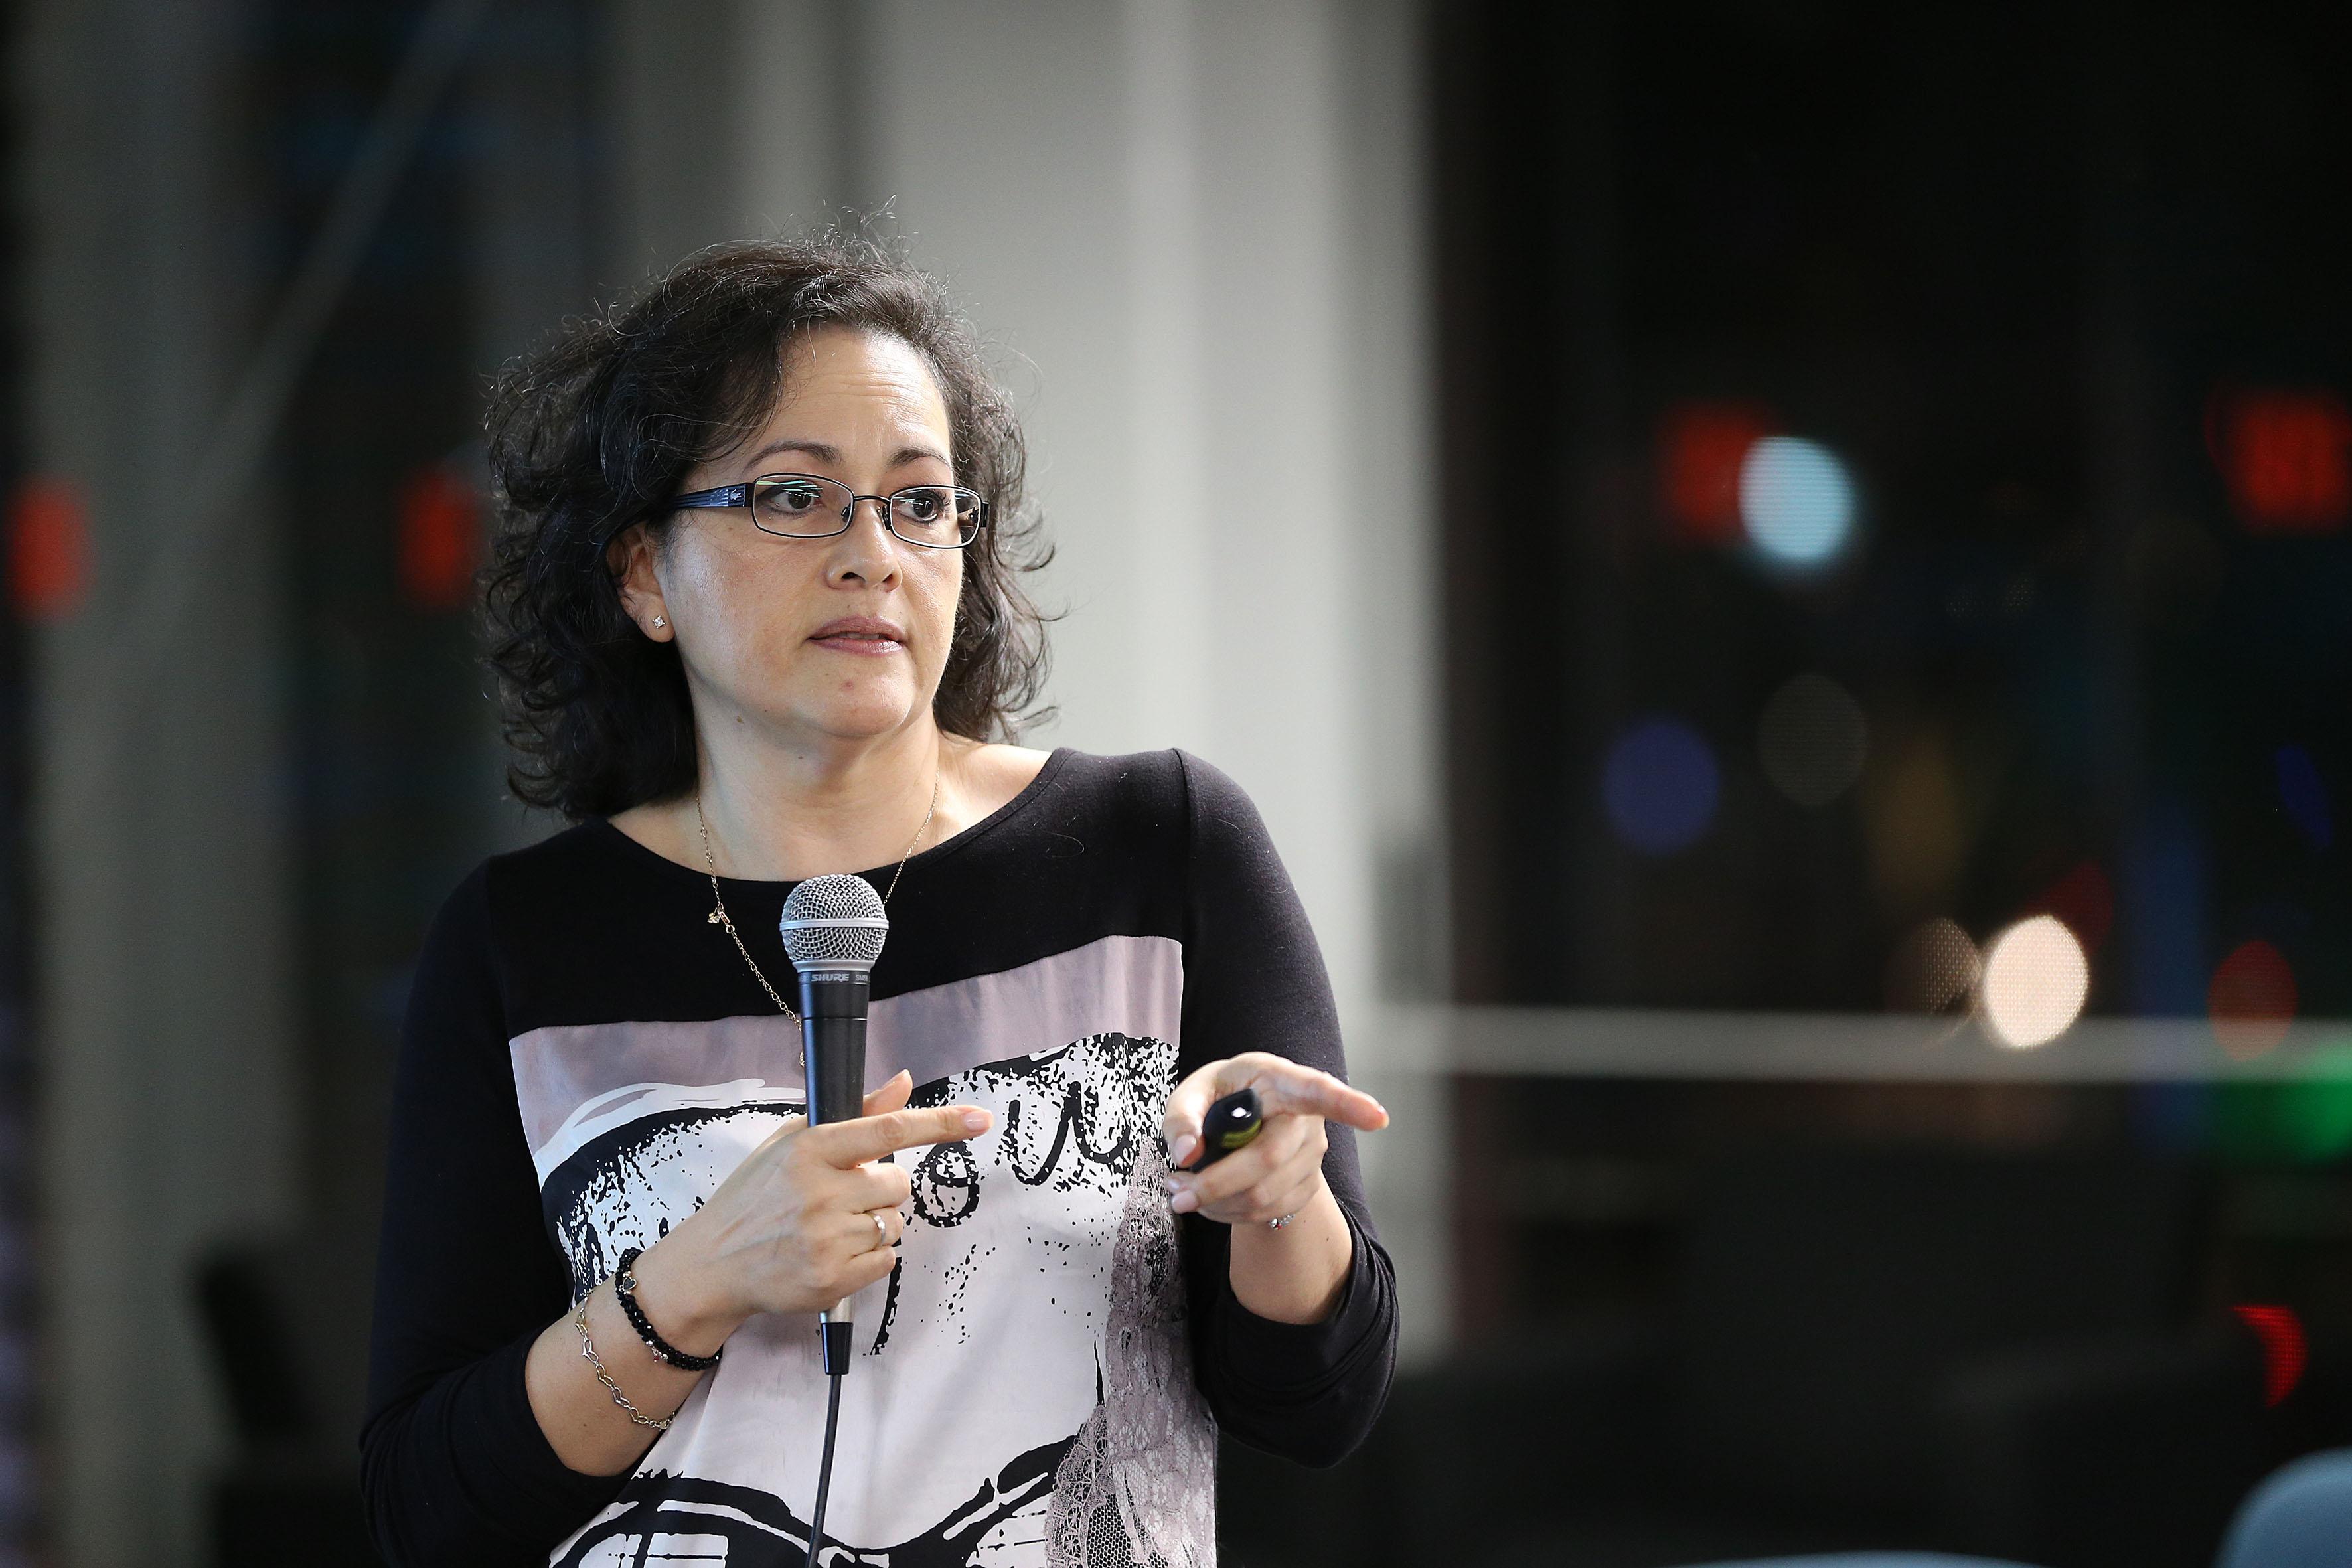 Doctora Graciela Gudiño Cabrera hablando frente al micrófono